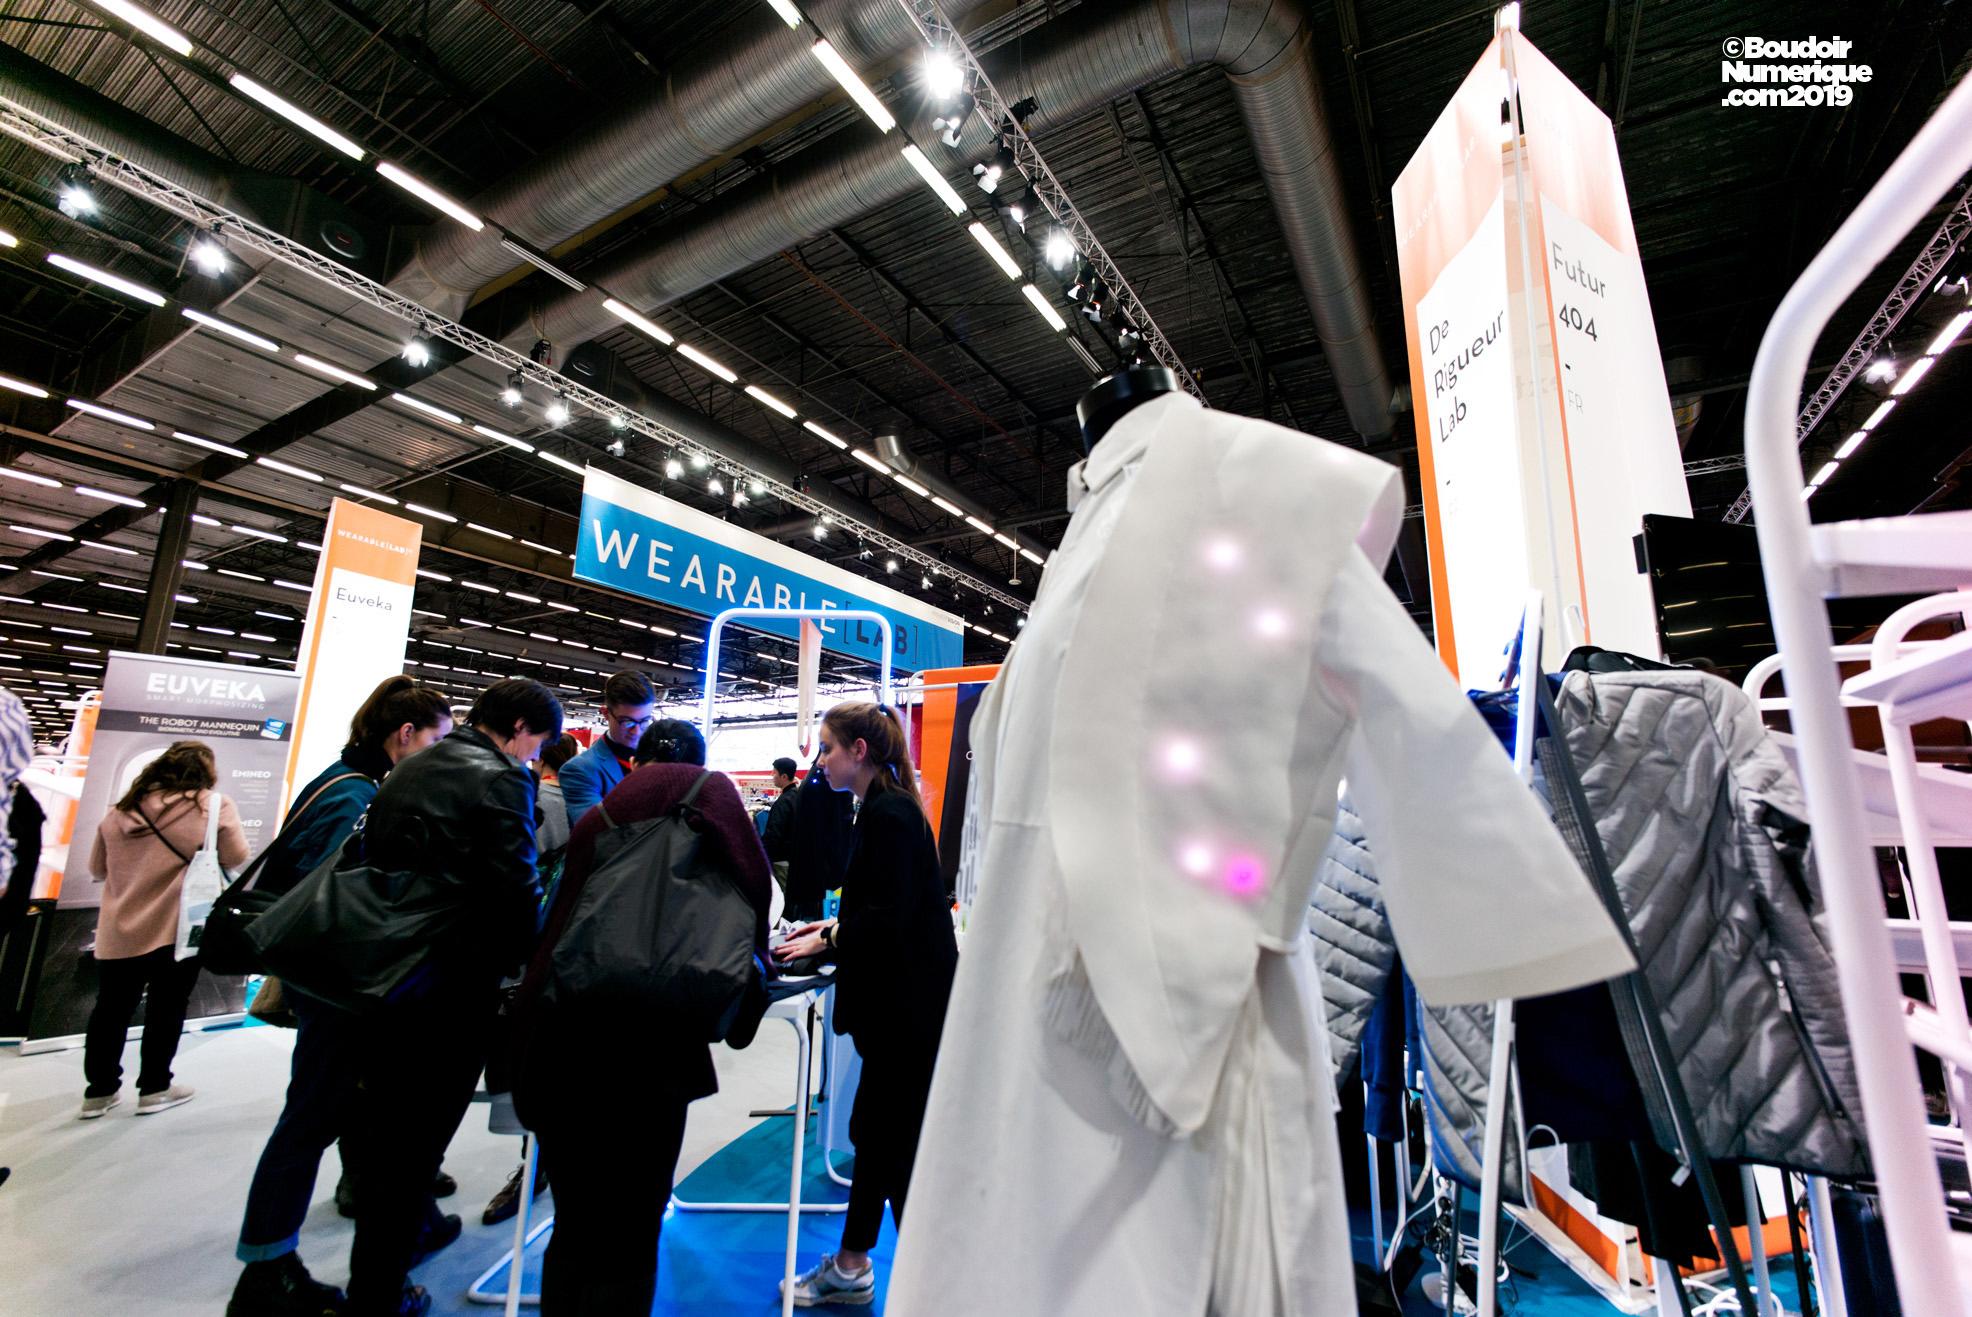 L'espace Wearable Lab de Première Vision Paris, le 12 février 2019, à Villepinte. A l'avant-plan, le stand De Rigueur Lab.